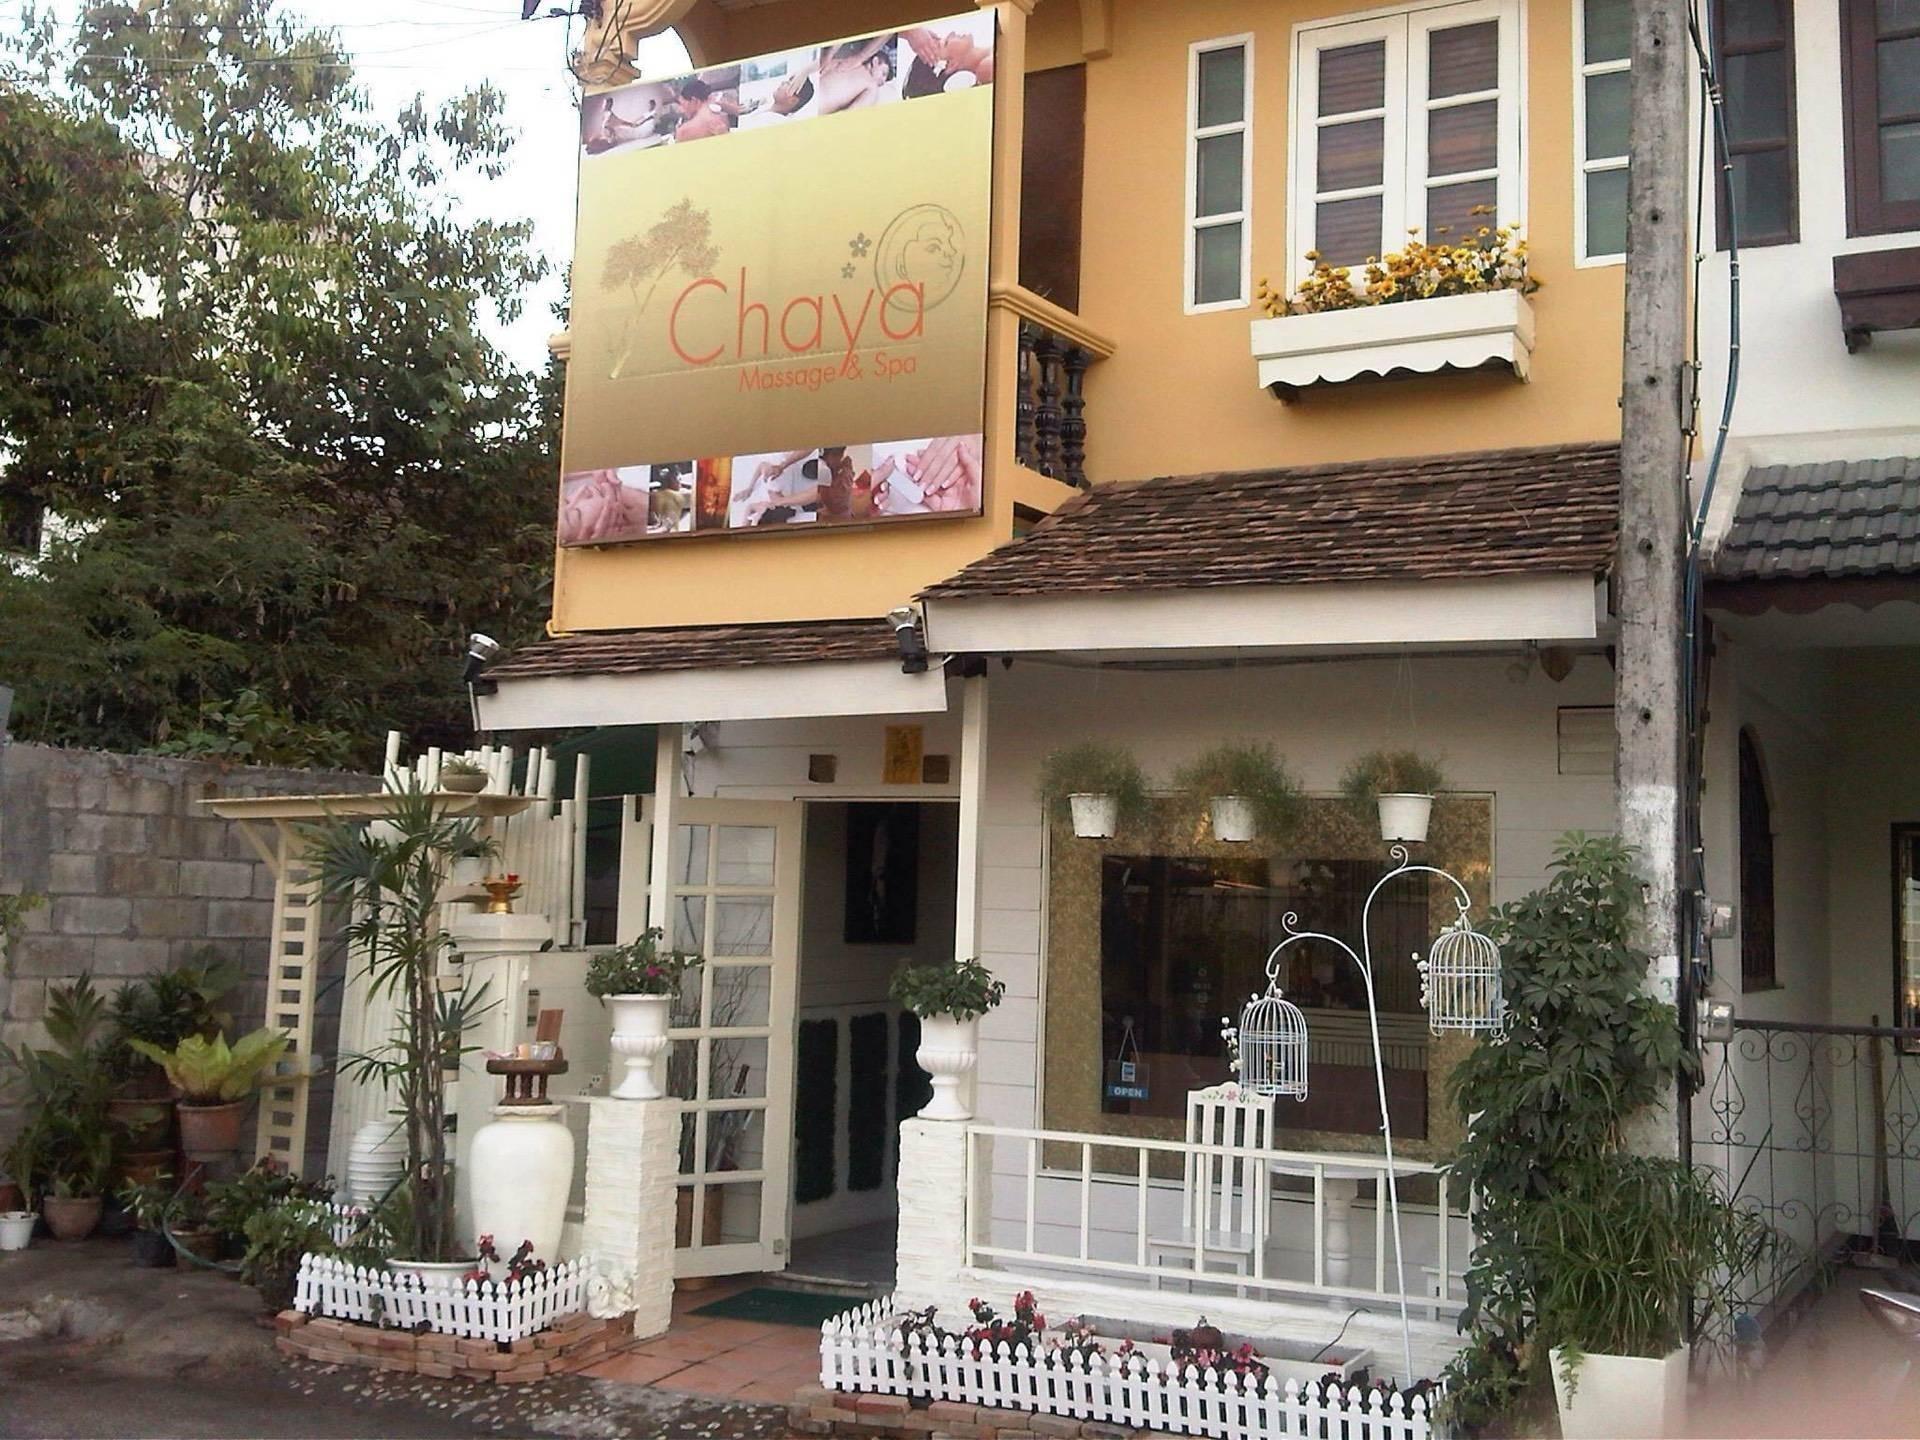 Chaya Massage And Spa